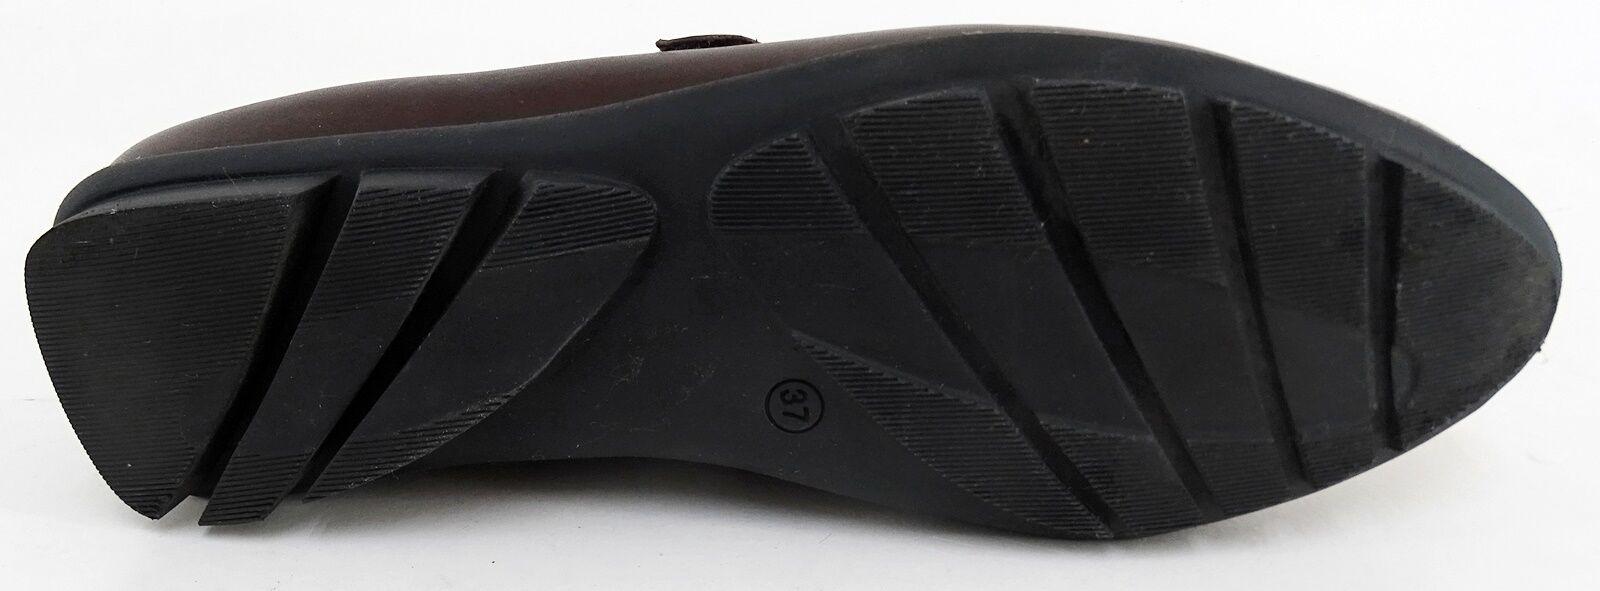 Zapato Zapato Zapato bajo marc velcro zapatilla cuero genuino marrón talla 37 01579c